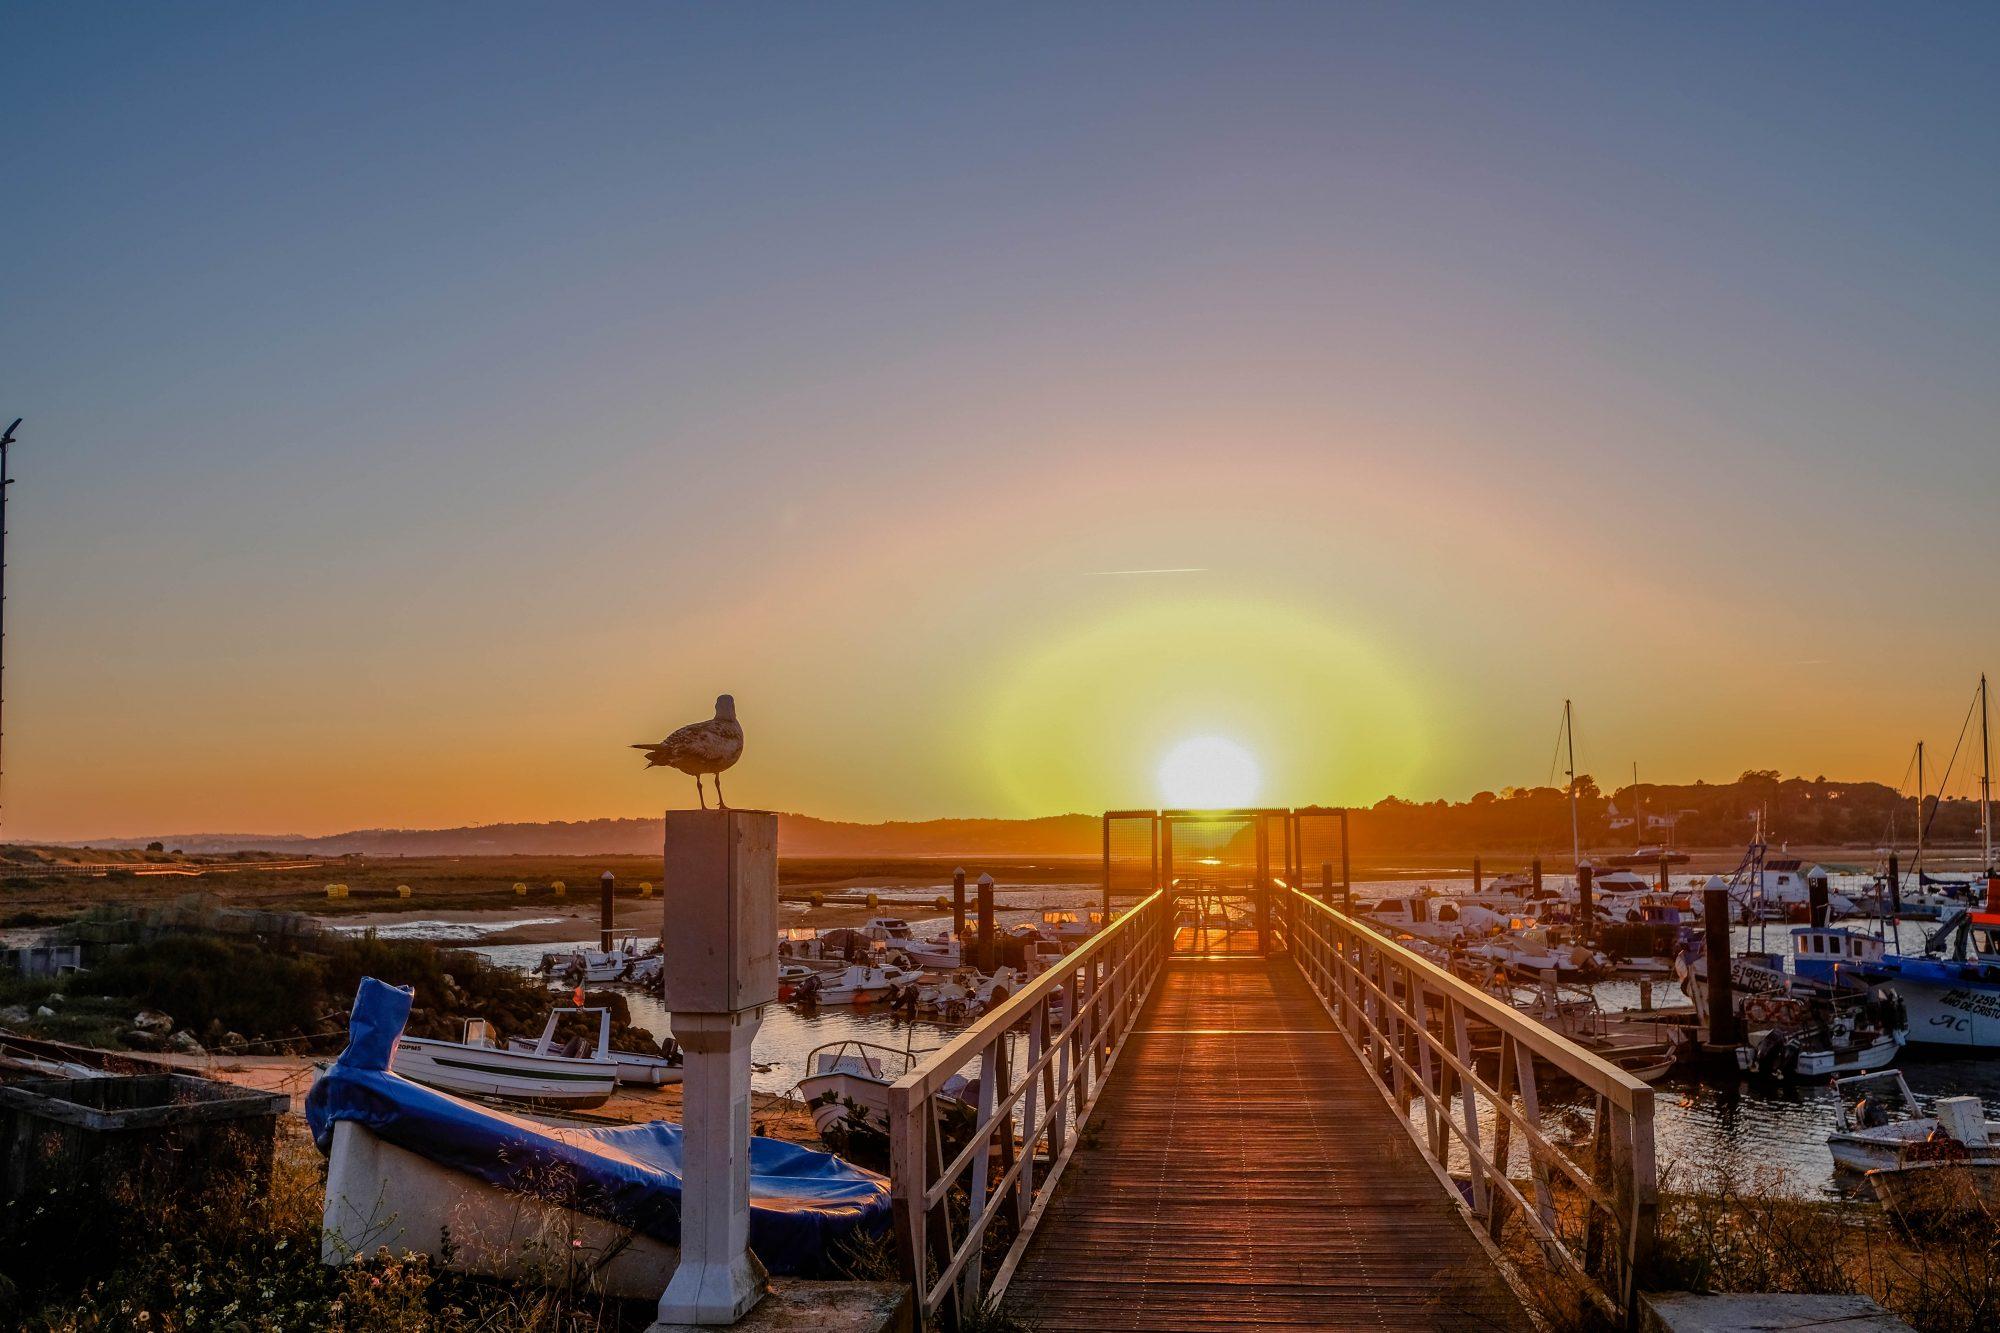 Mouette et soleil - Alvor, Portugal